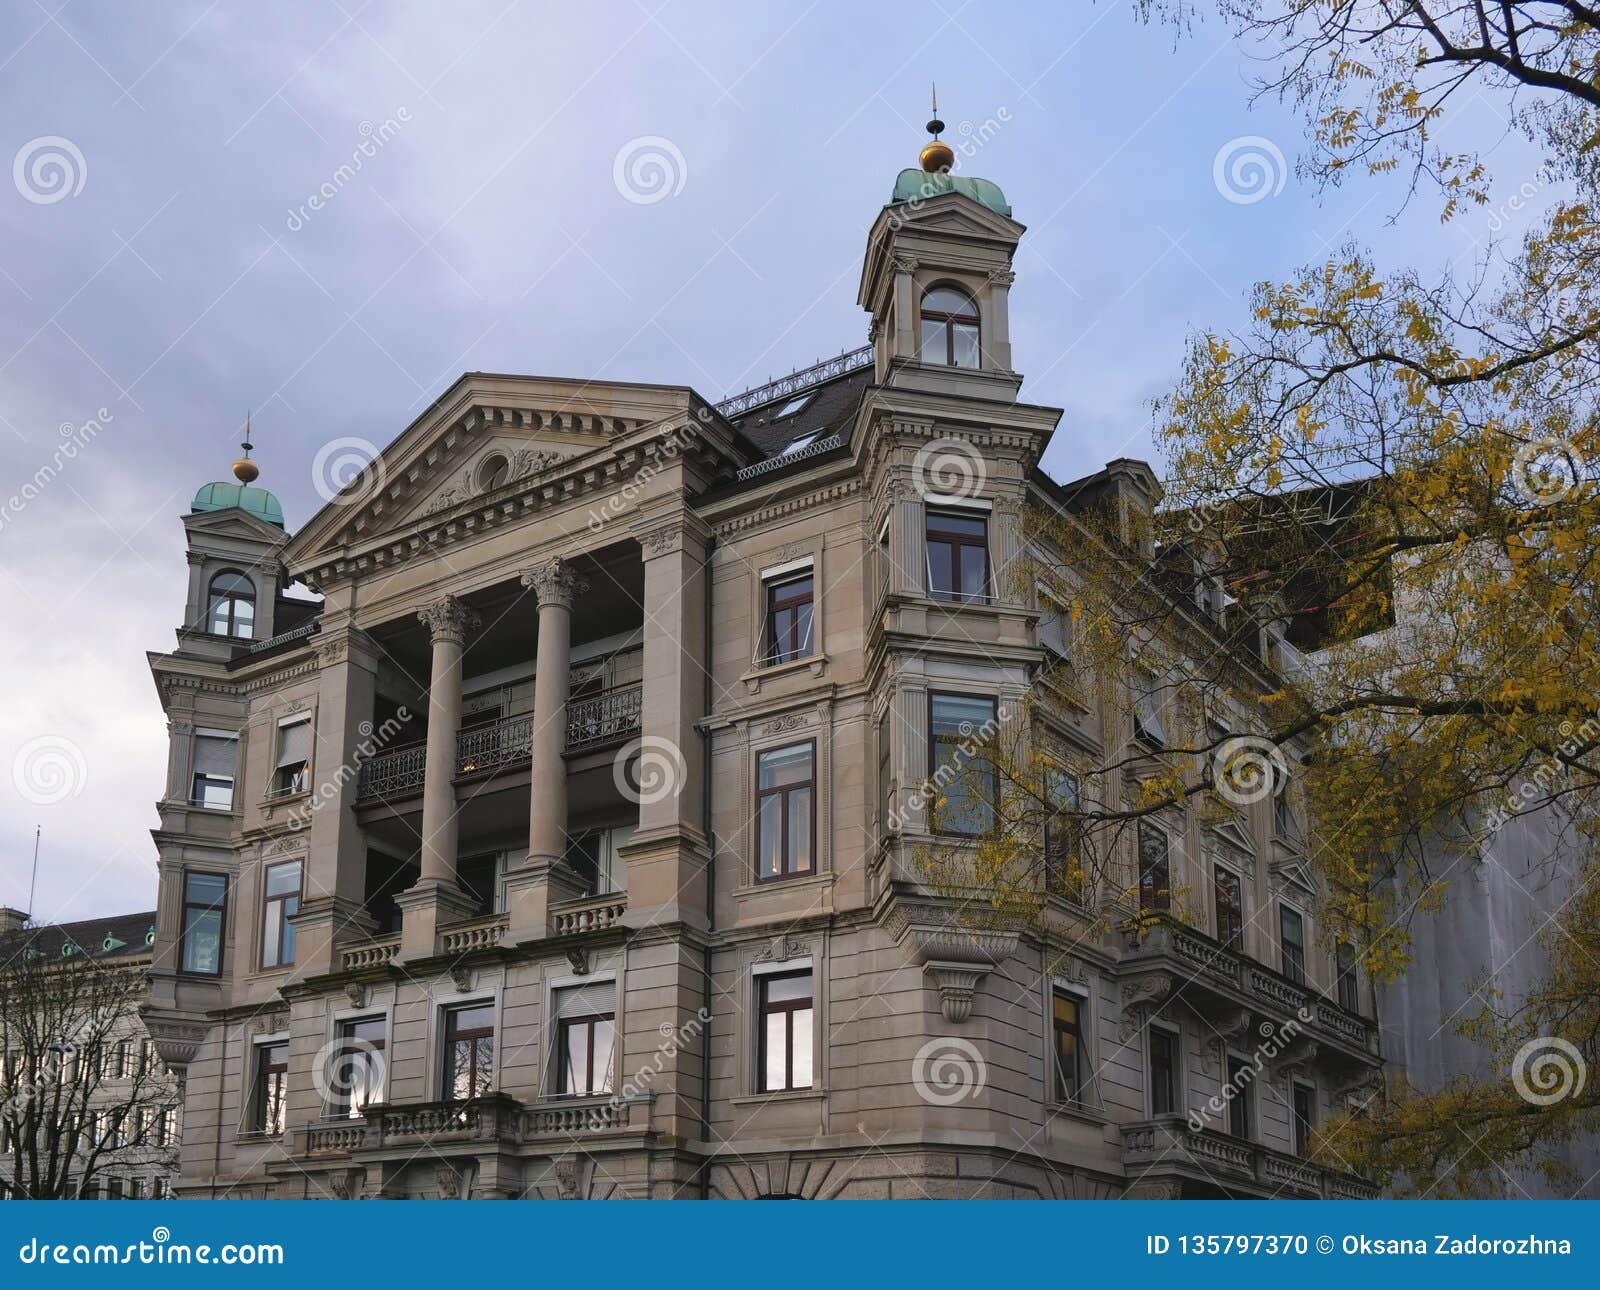 Paysage urbain suisse classique au jour pluvieux d automne, Zurich, Suisse